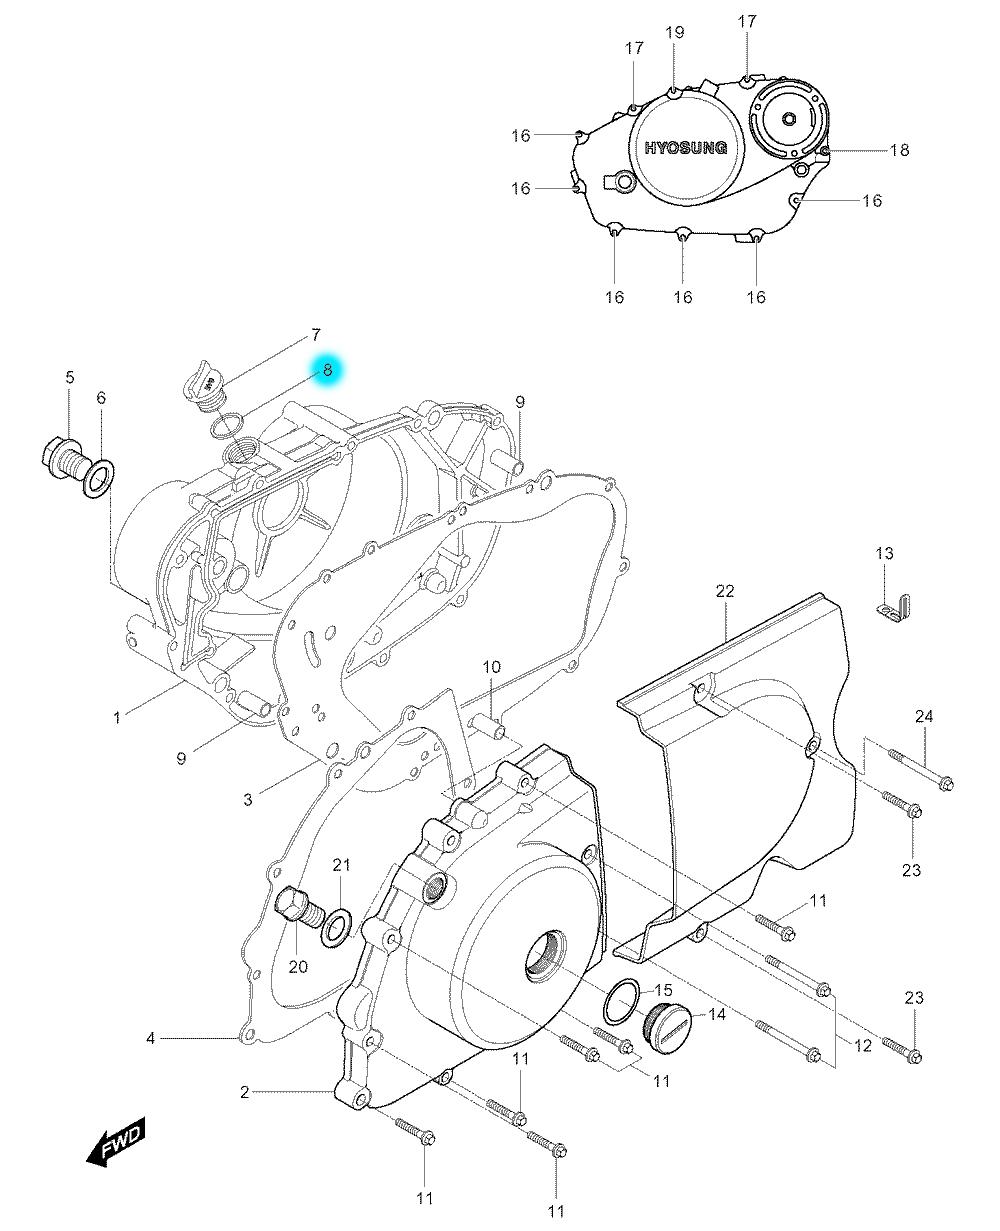 [8] Těsnící O-kroužek (motor - kryty skříně) - Hyosung GV 250